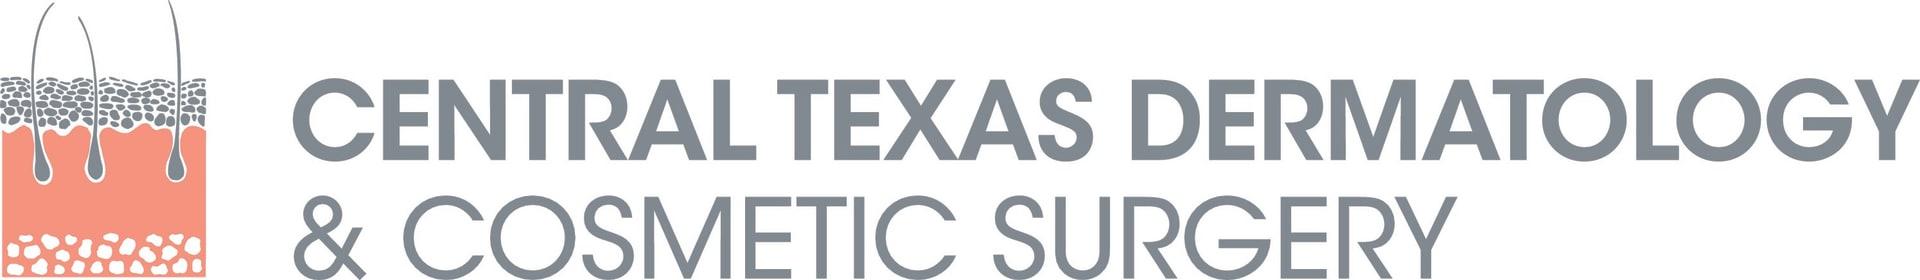 Central_Texas_Dermatologynew-w1920.jpg